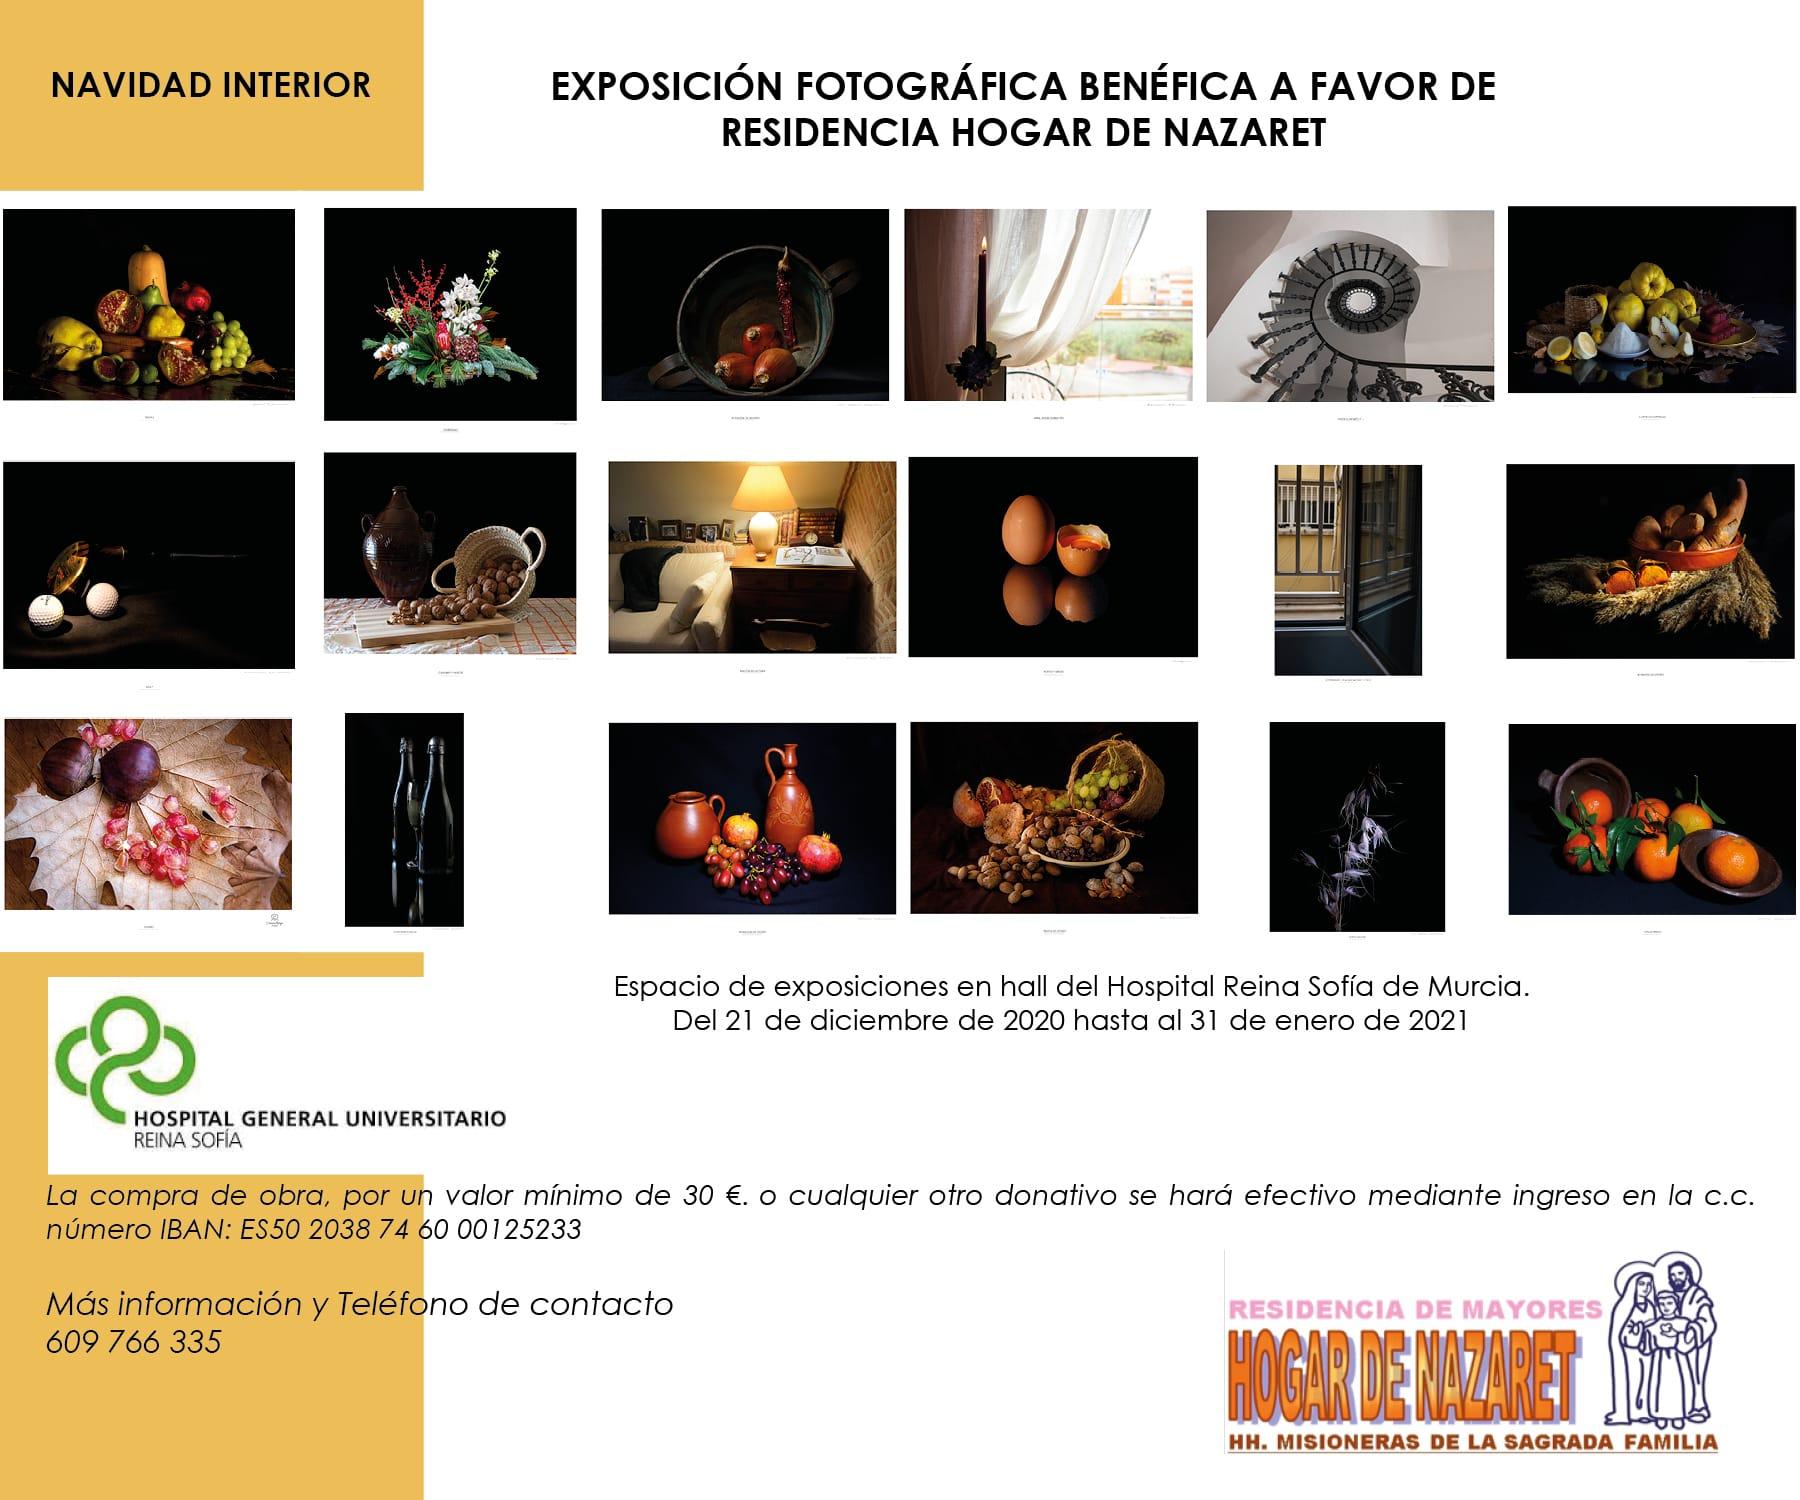 Exposición benéfica NAVIDAD INTERIOR